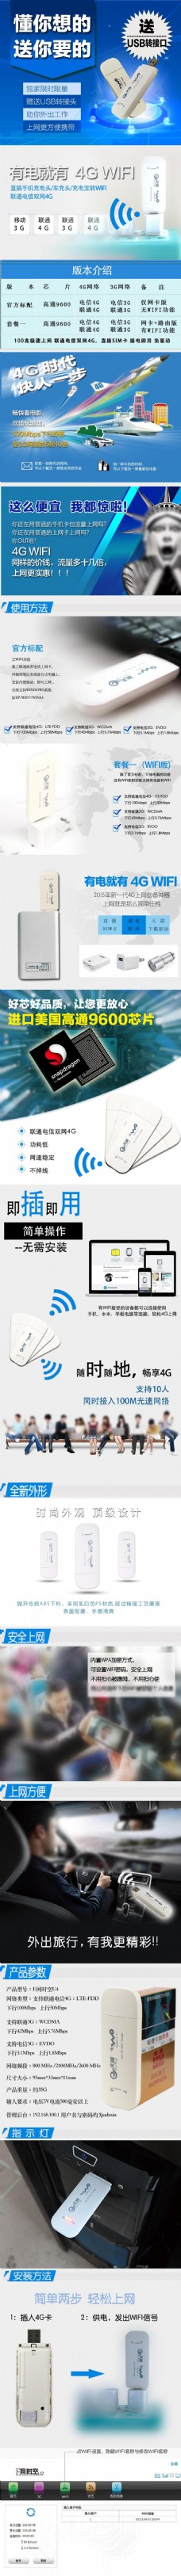 无线WIFI详情页图片